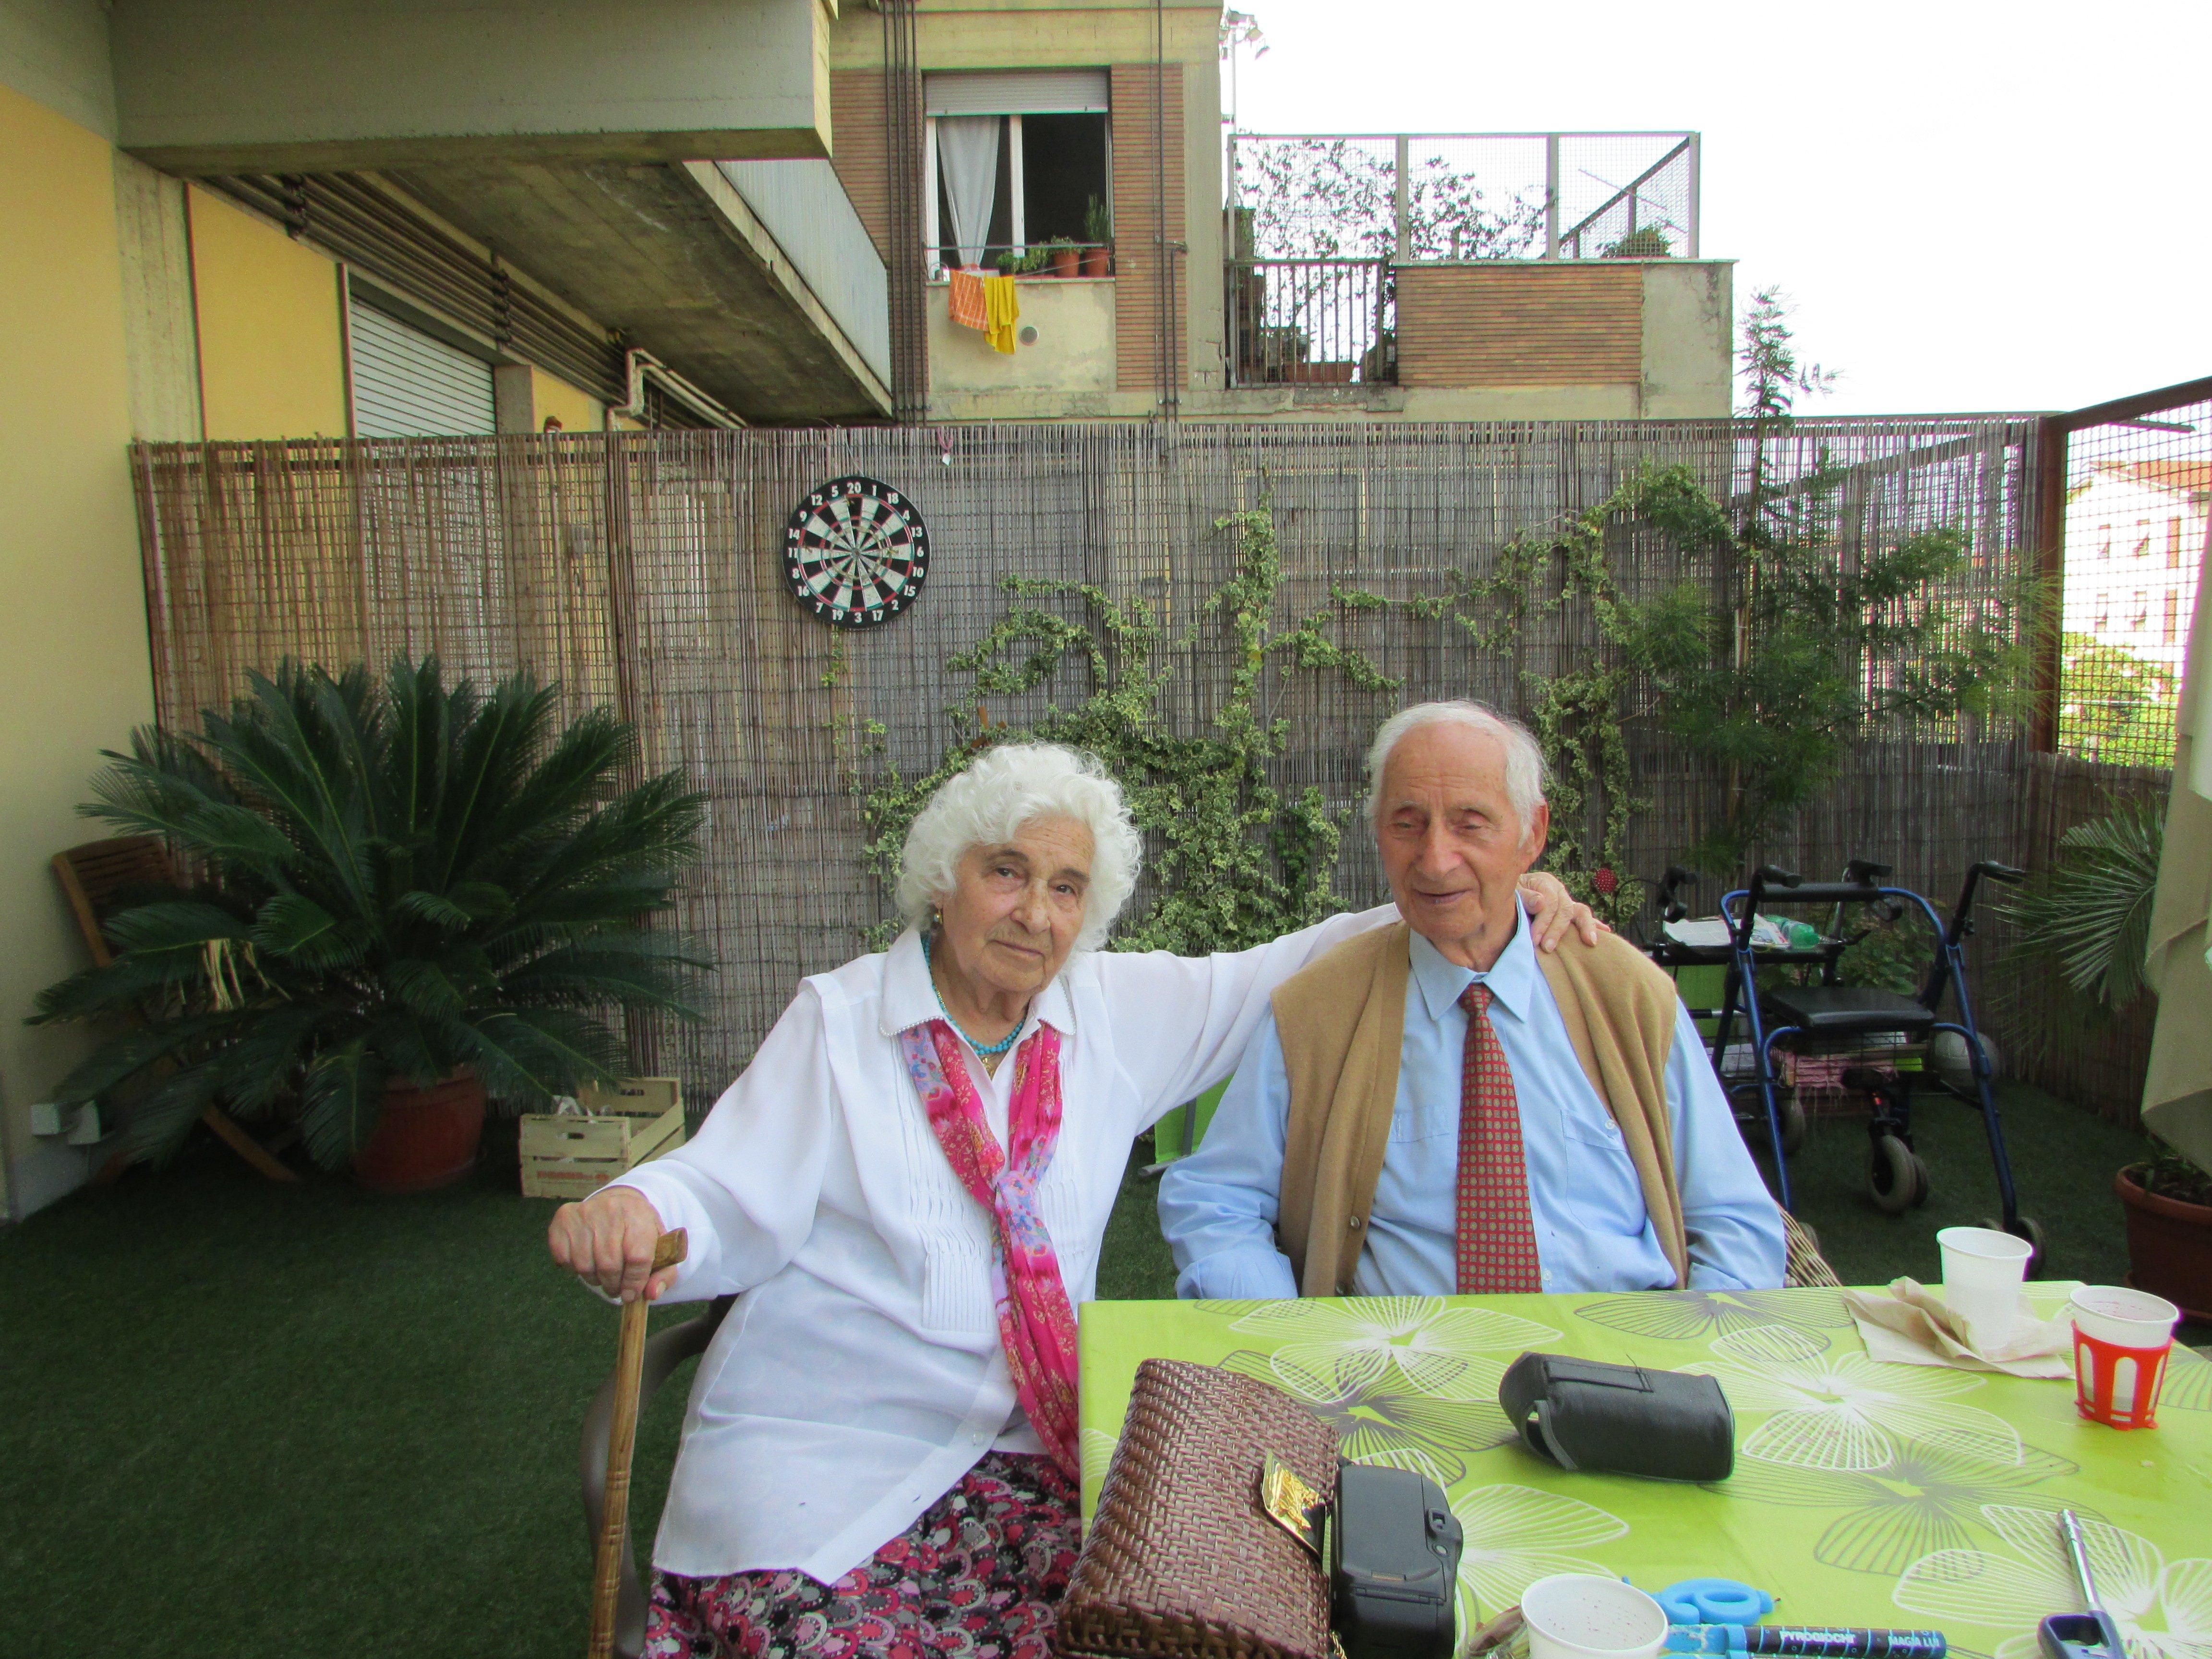 coppia di anziani seduti ad un tavolo all'aperto